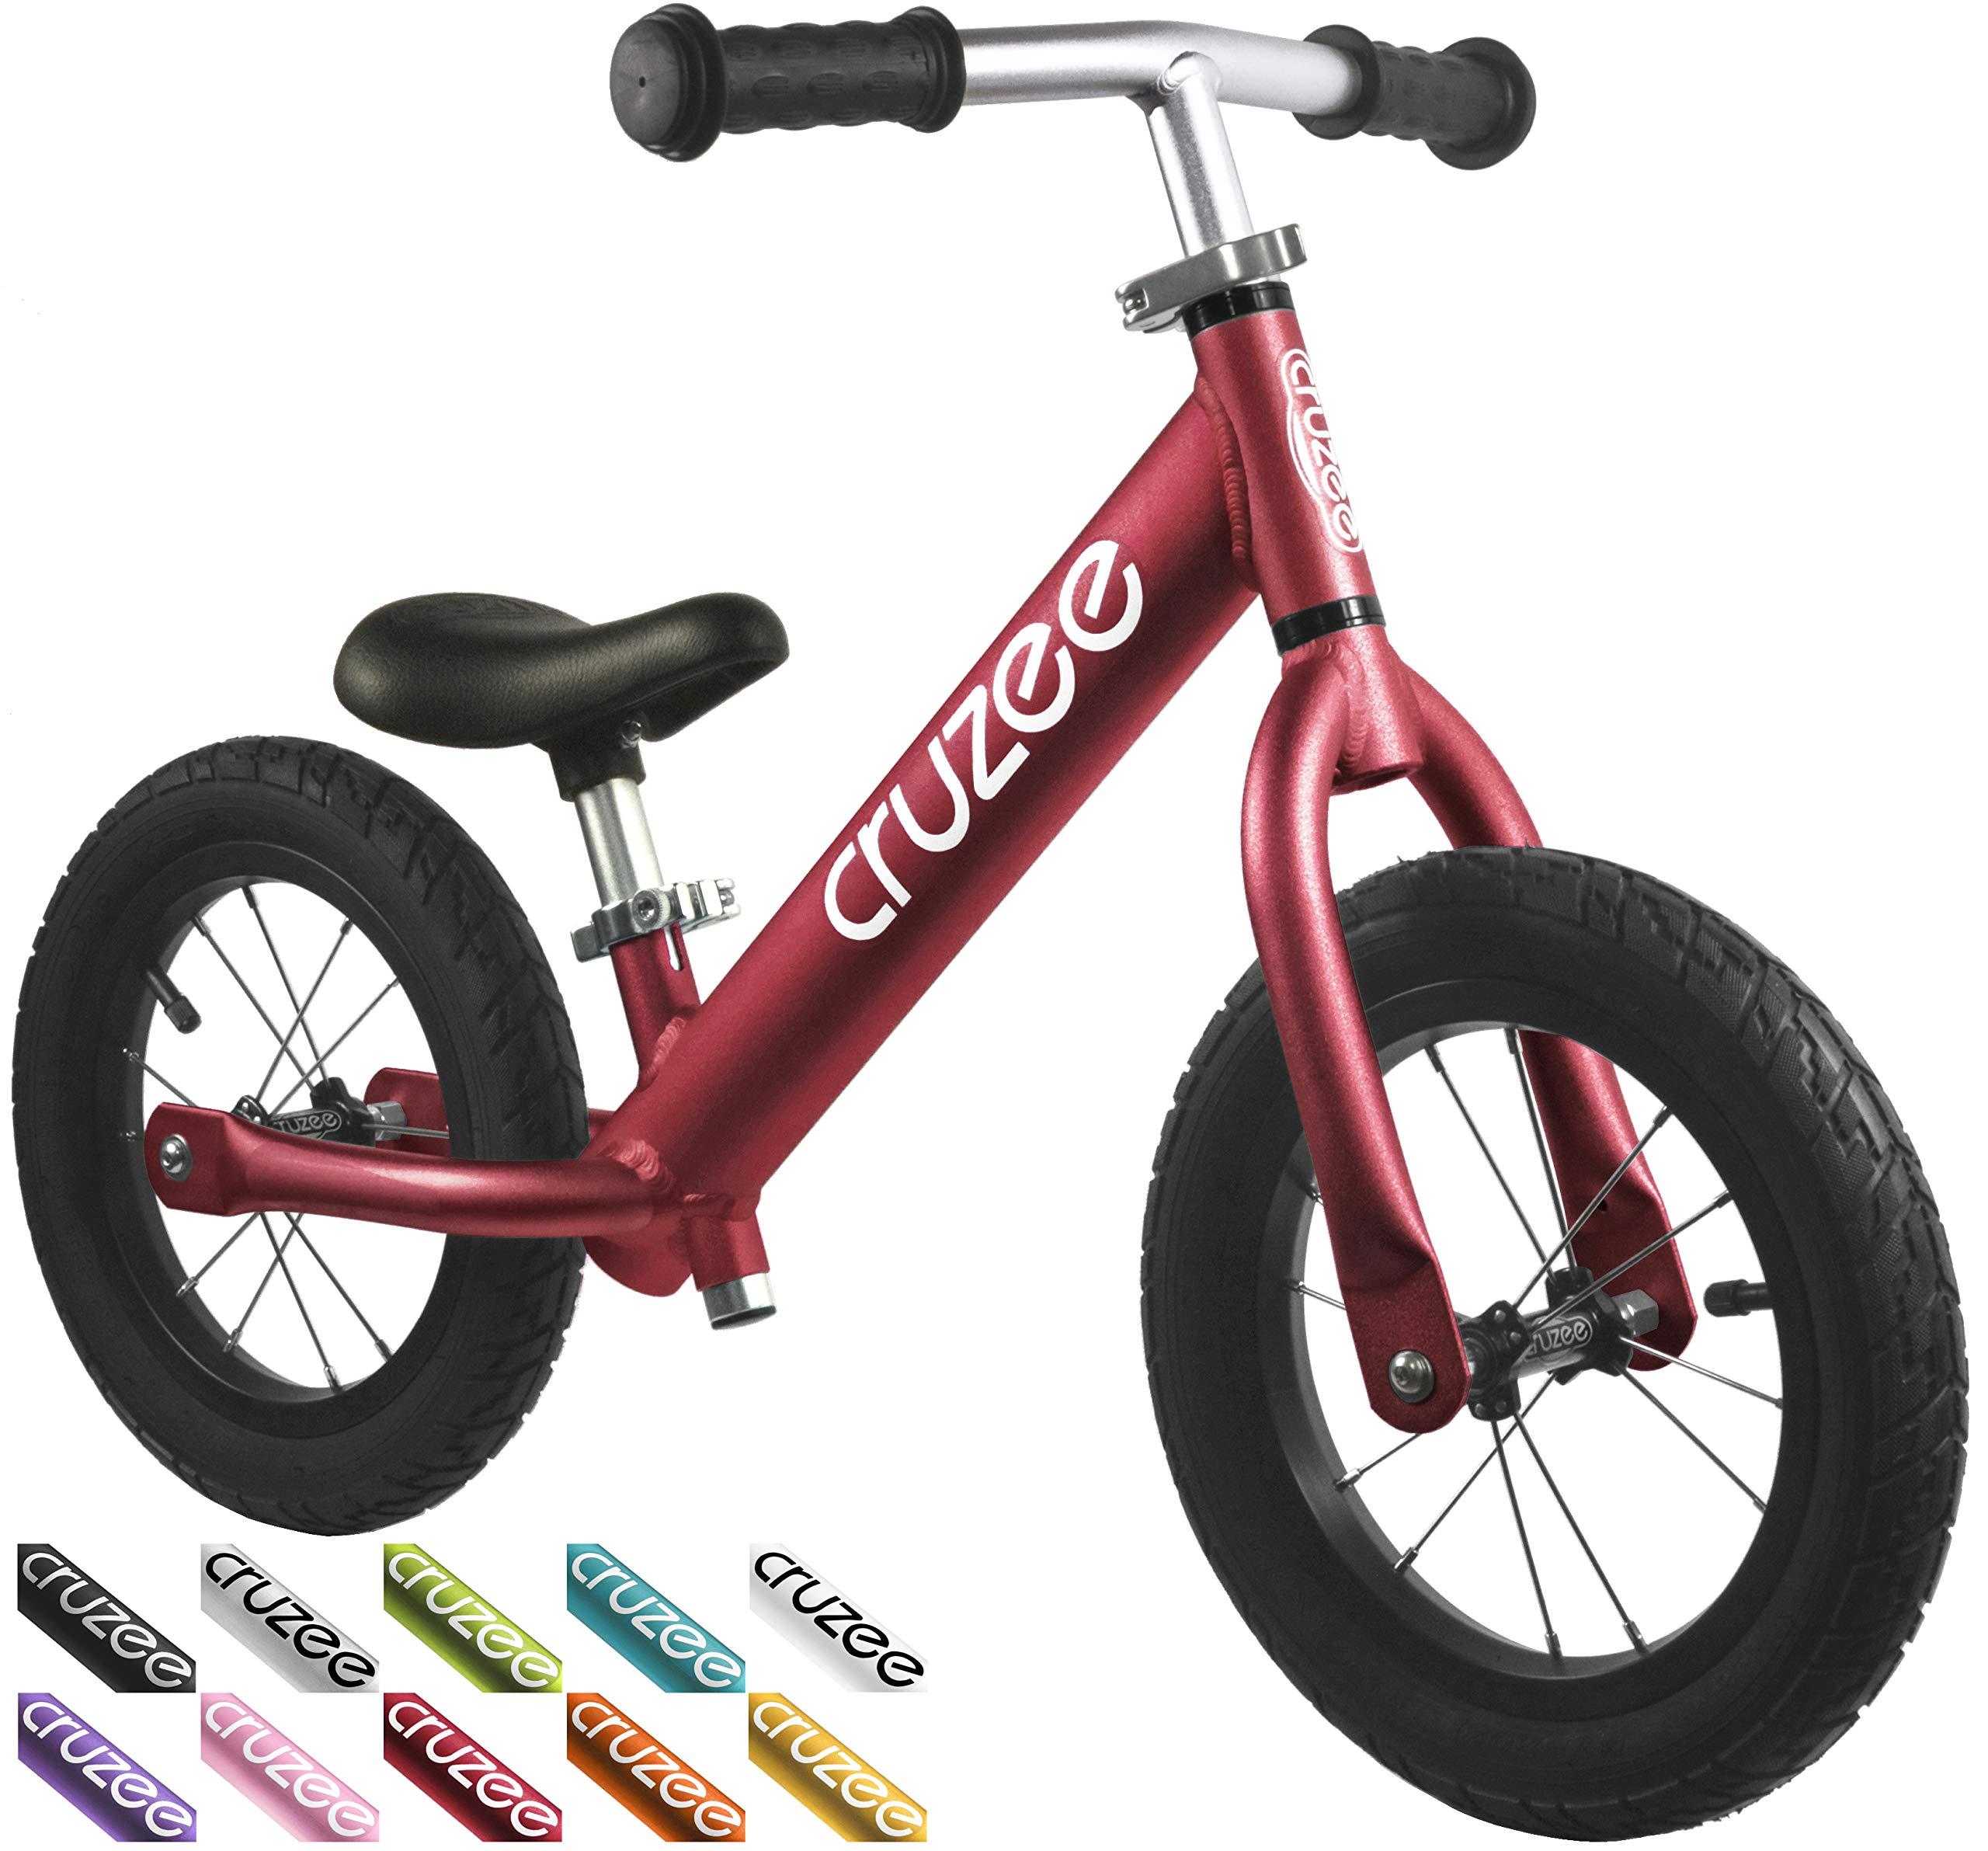 Cruzee Ultralite Bicicleta de Equilibrio de Aire (4. 8 Libras) Edades 1. De 5 a 5 años.: Amazon.es: Deportes y aire libre